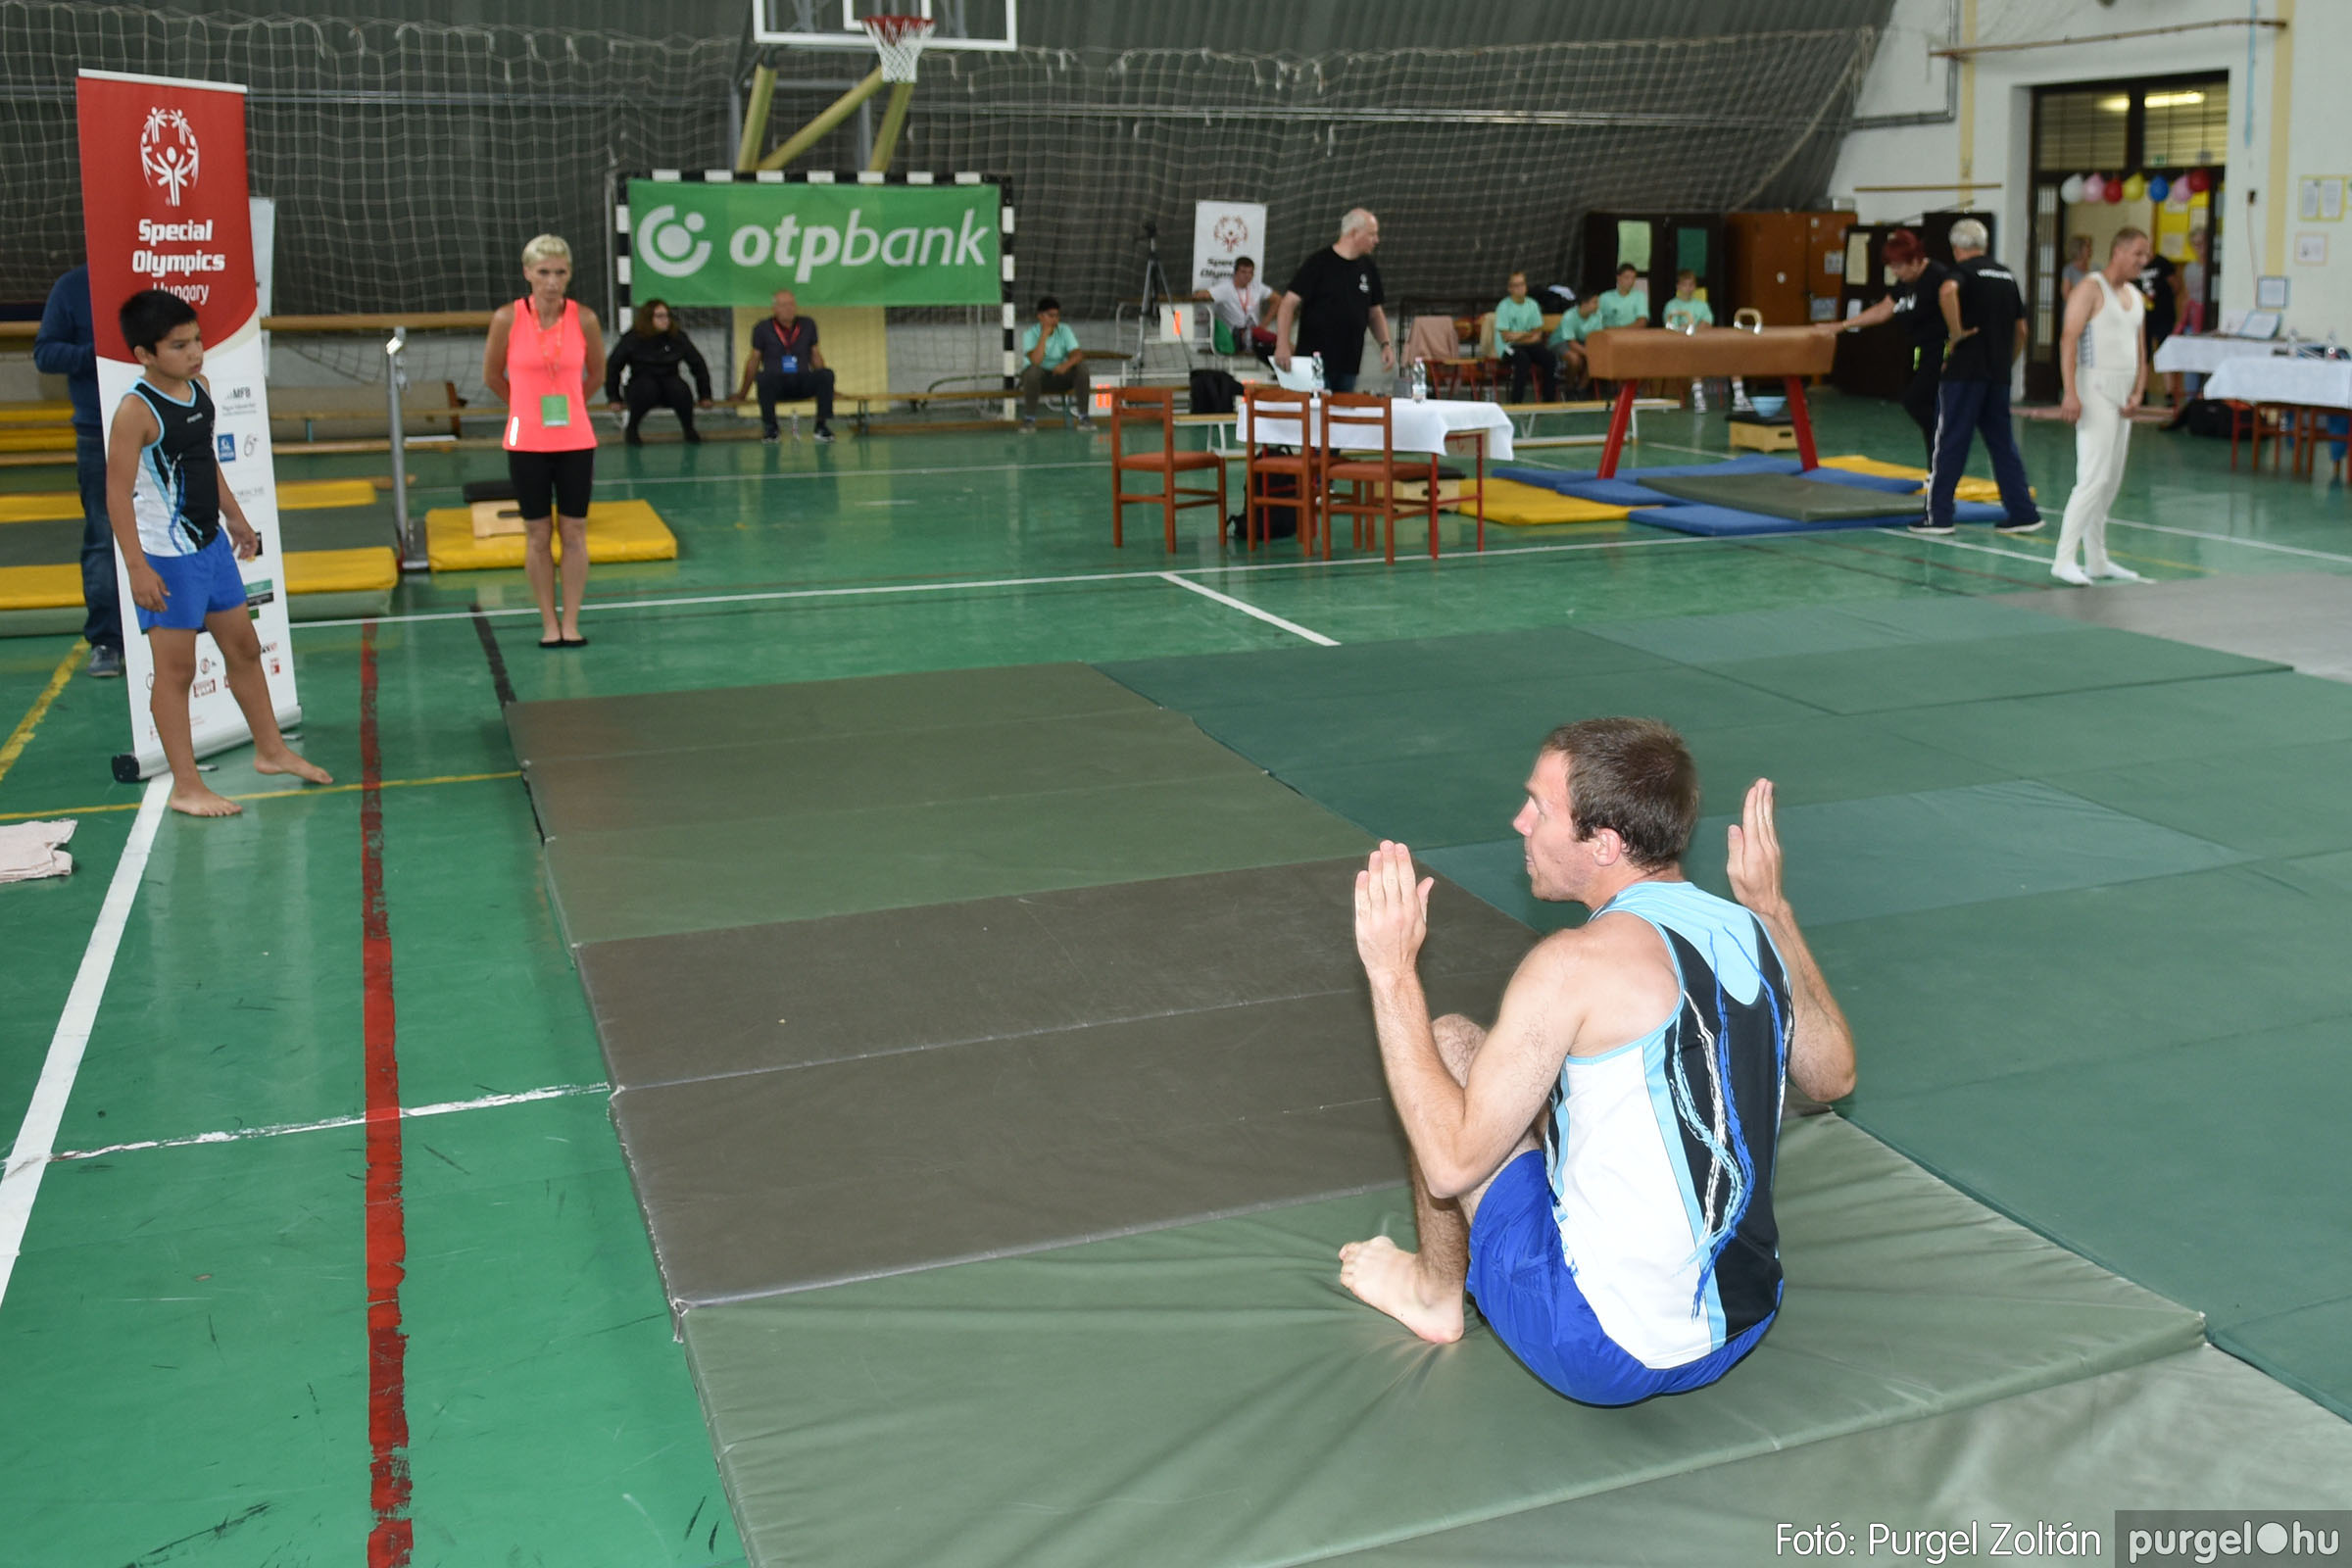 2021.08.27. 026 VII. Speciális Olimpia Nyári Nemzeti Játékok szegvári megnyitója.jpg